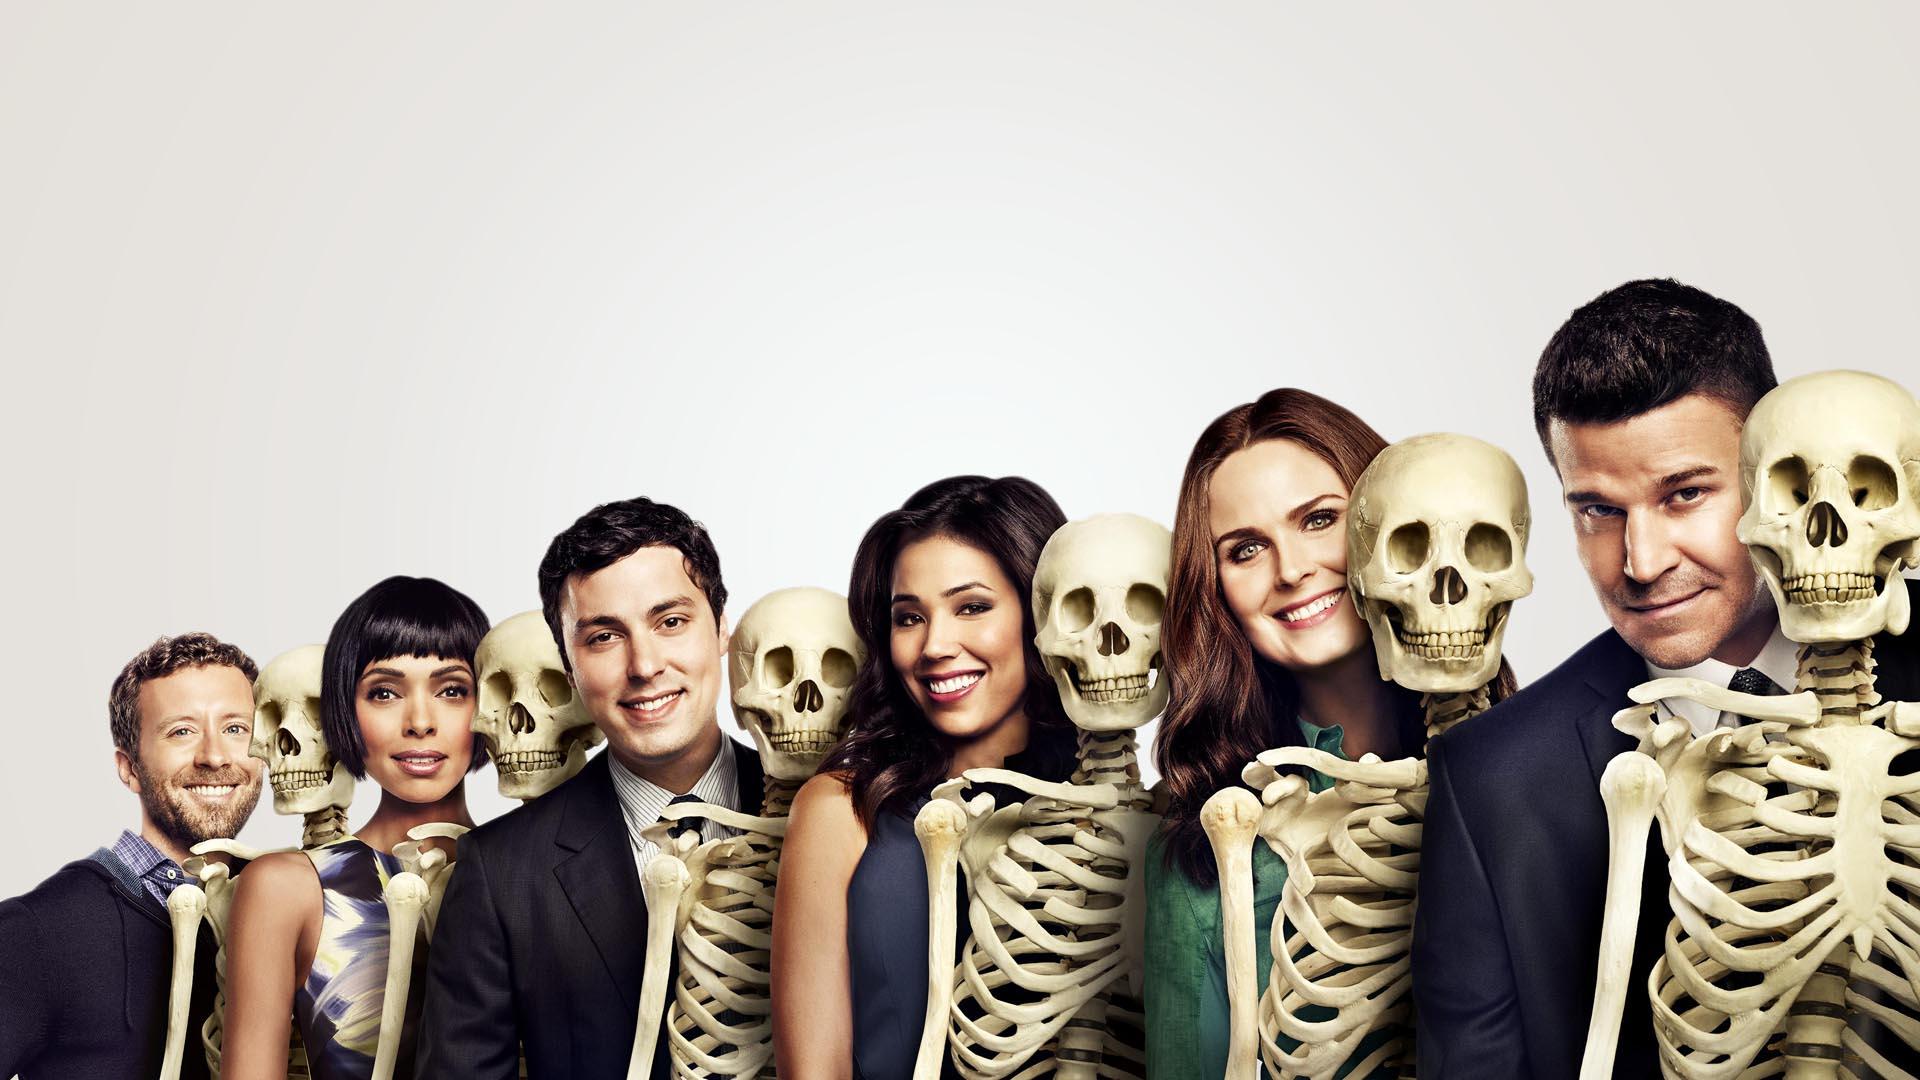 bones-season-10-promo-pic